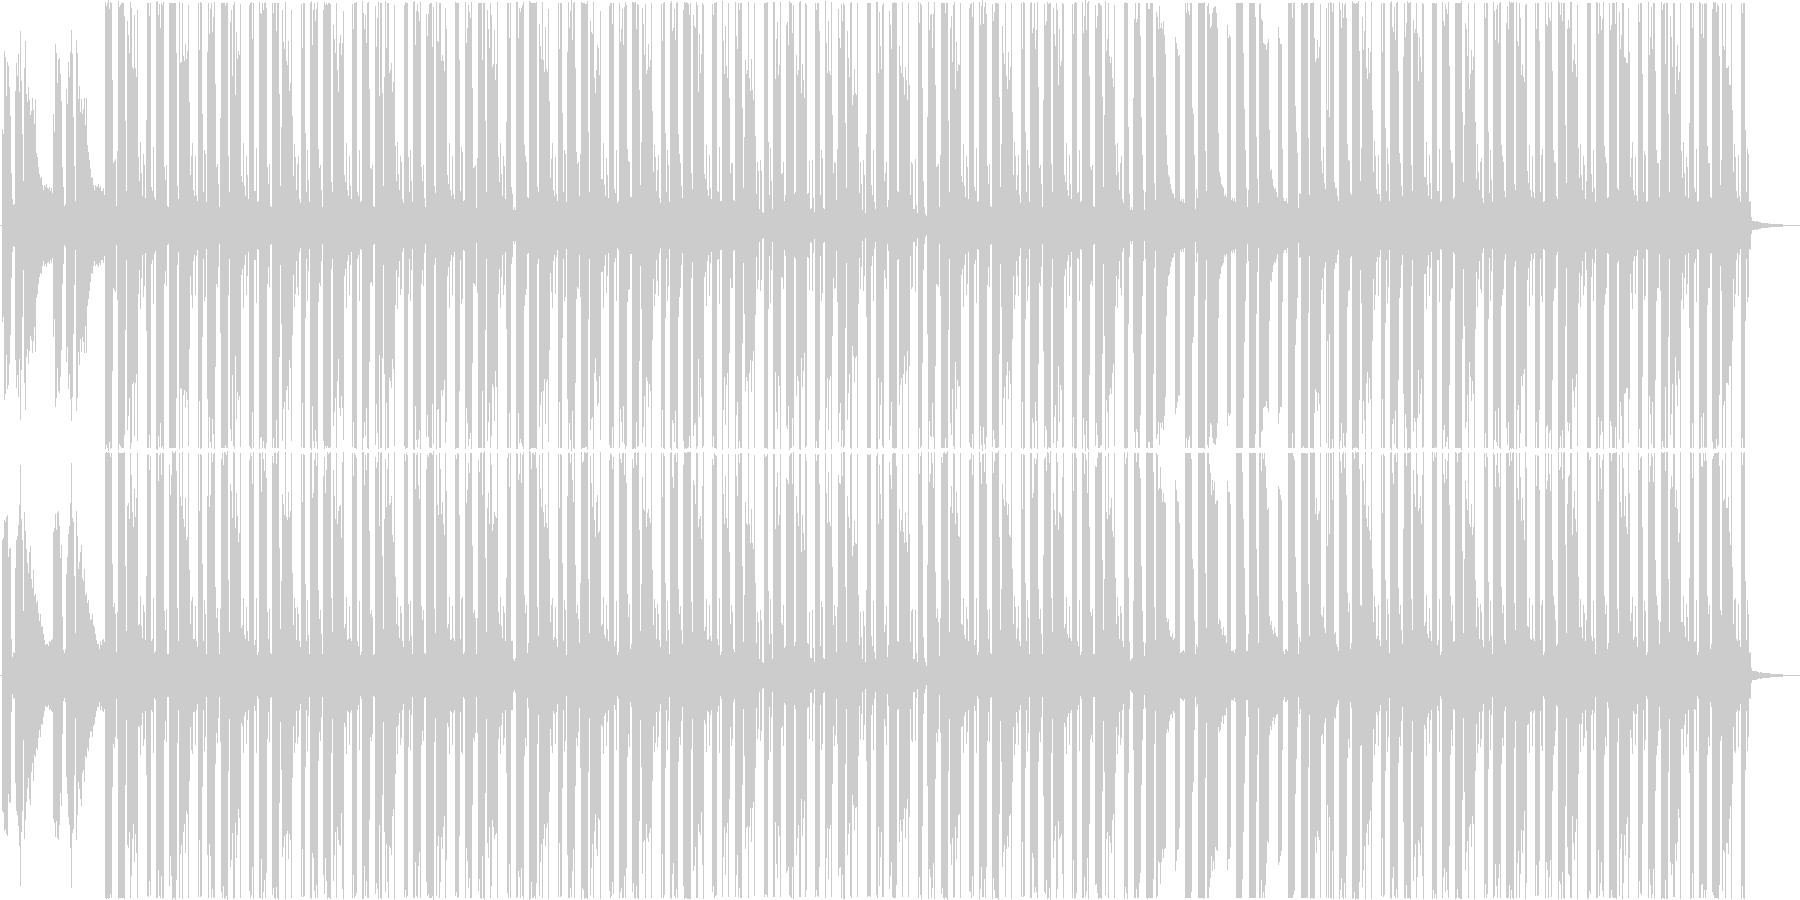 映像作品のBGMやリラックスタイムにの未再生の波形